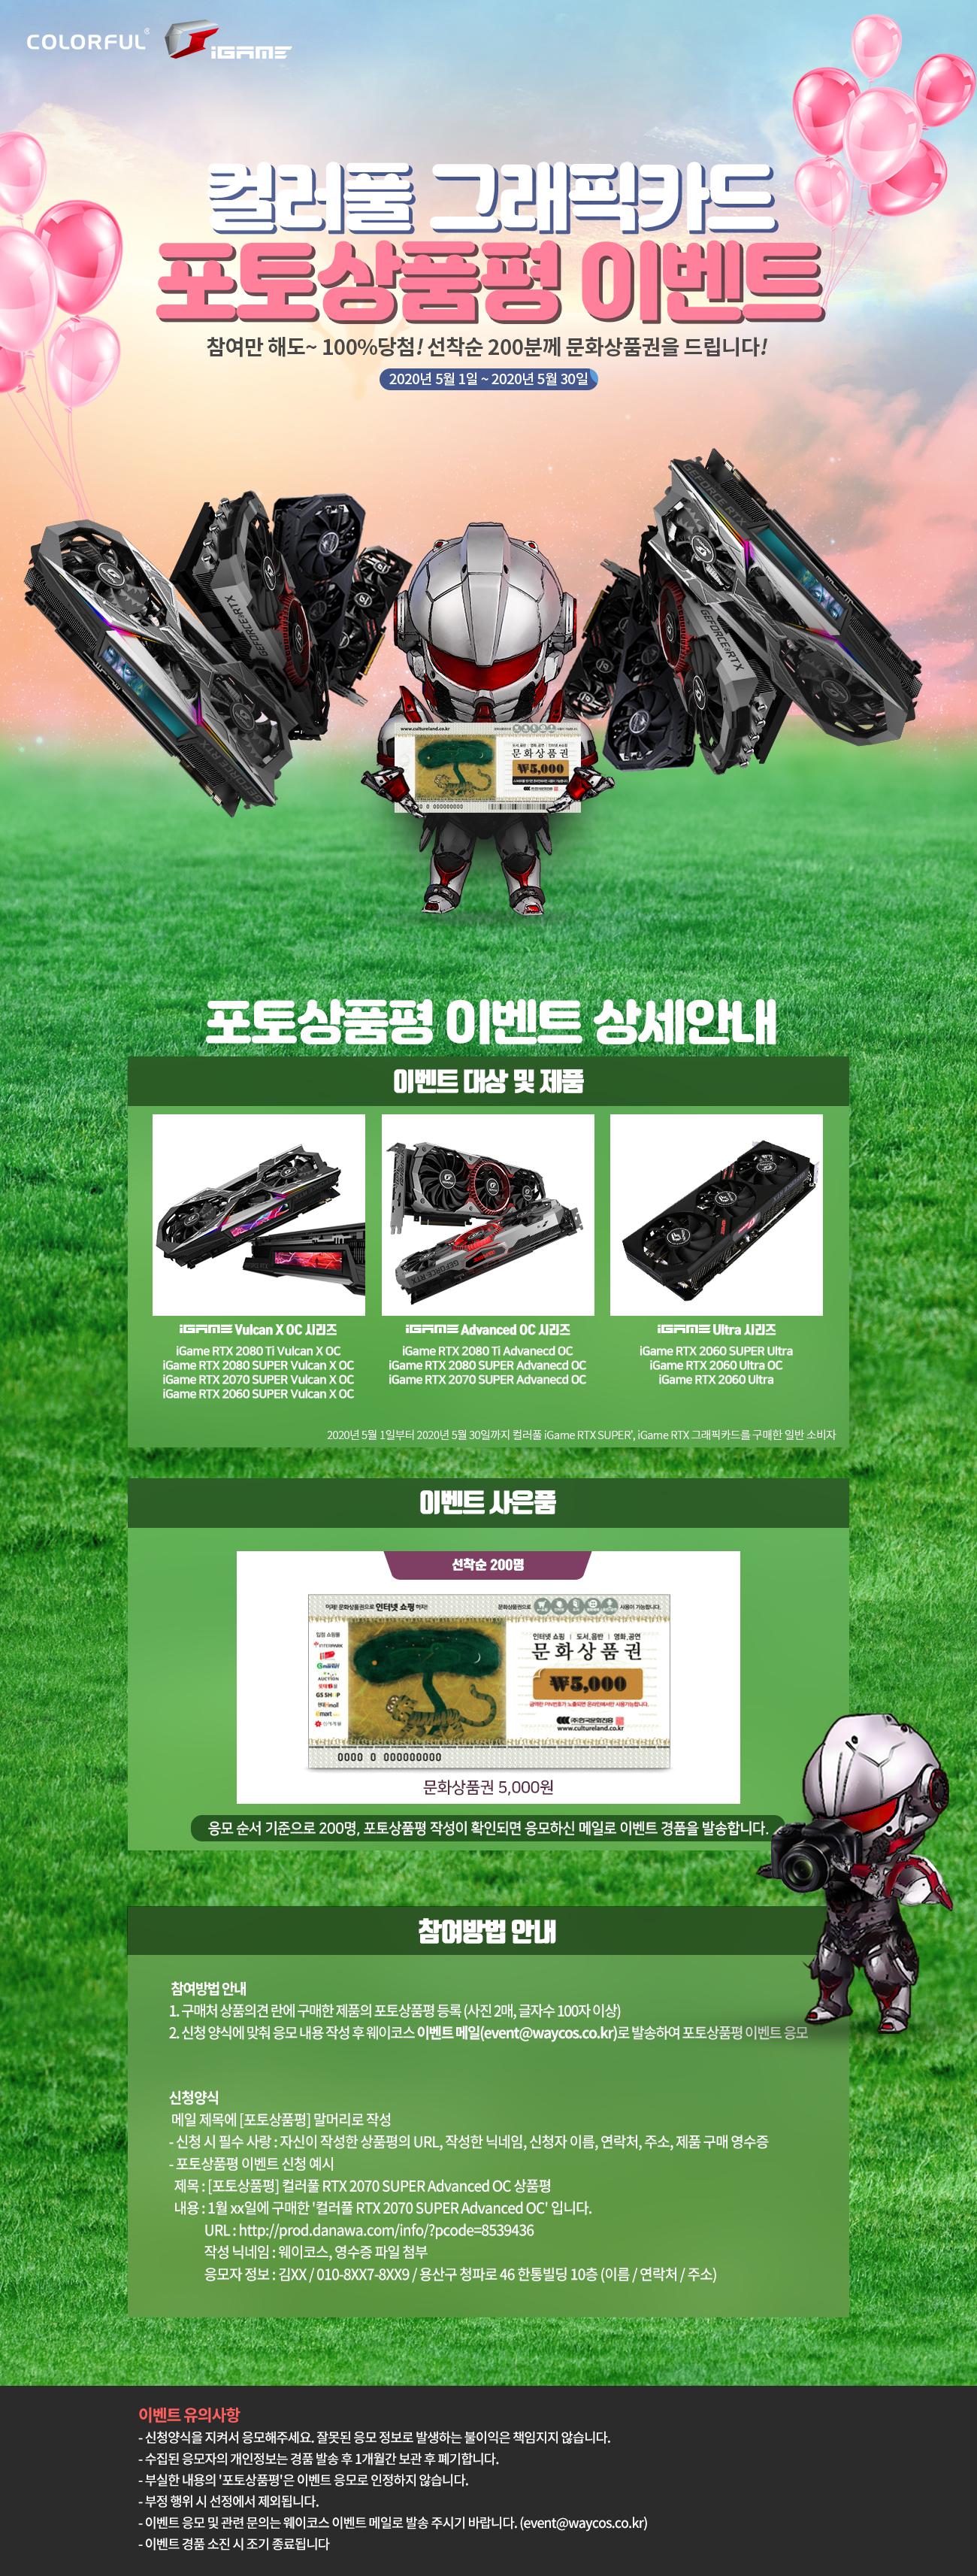 컬러풀 5월 포토상품평 이벤트.jpg